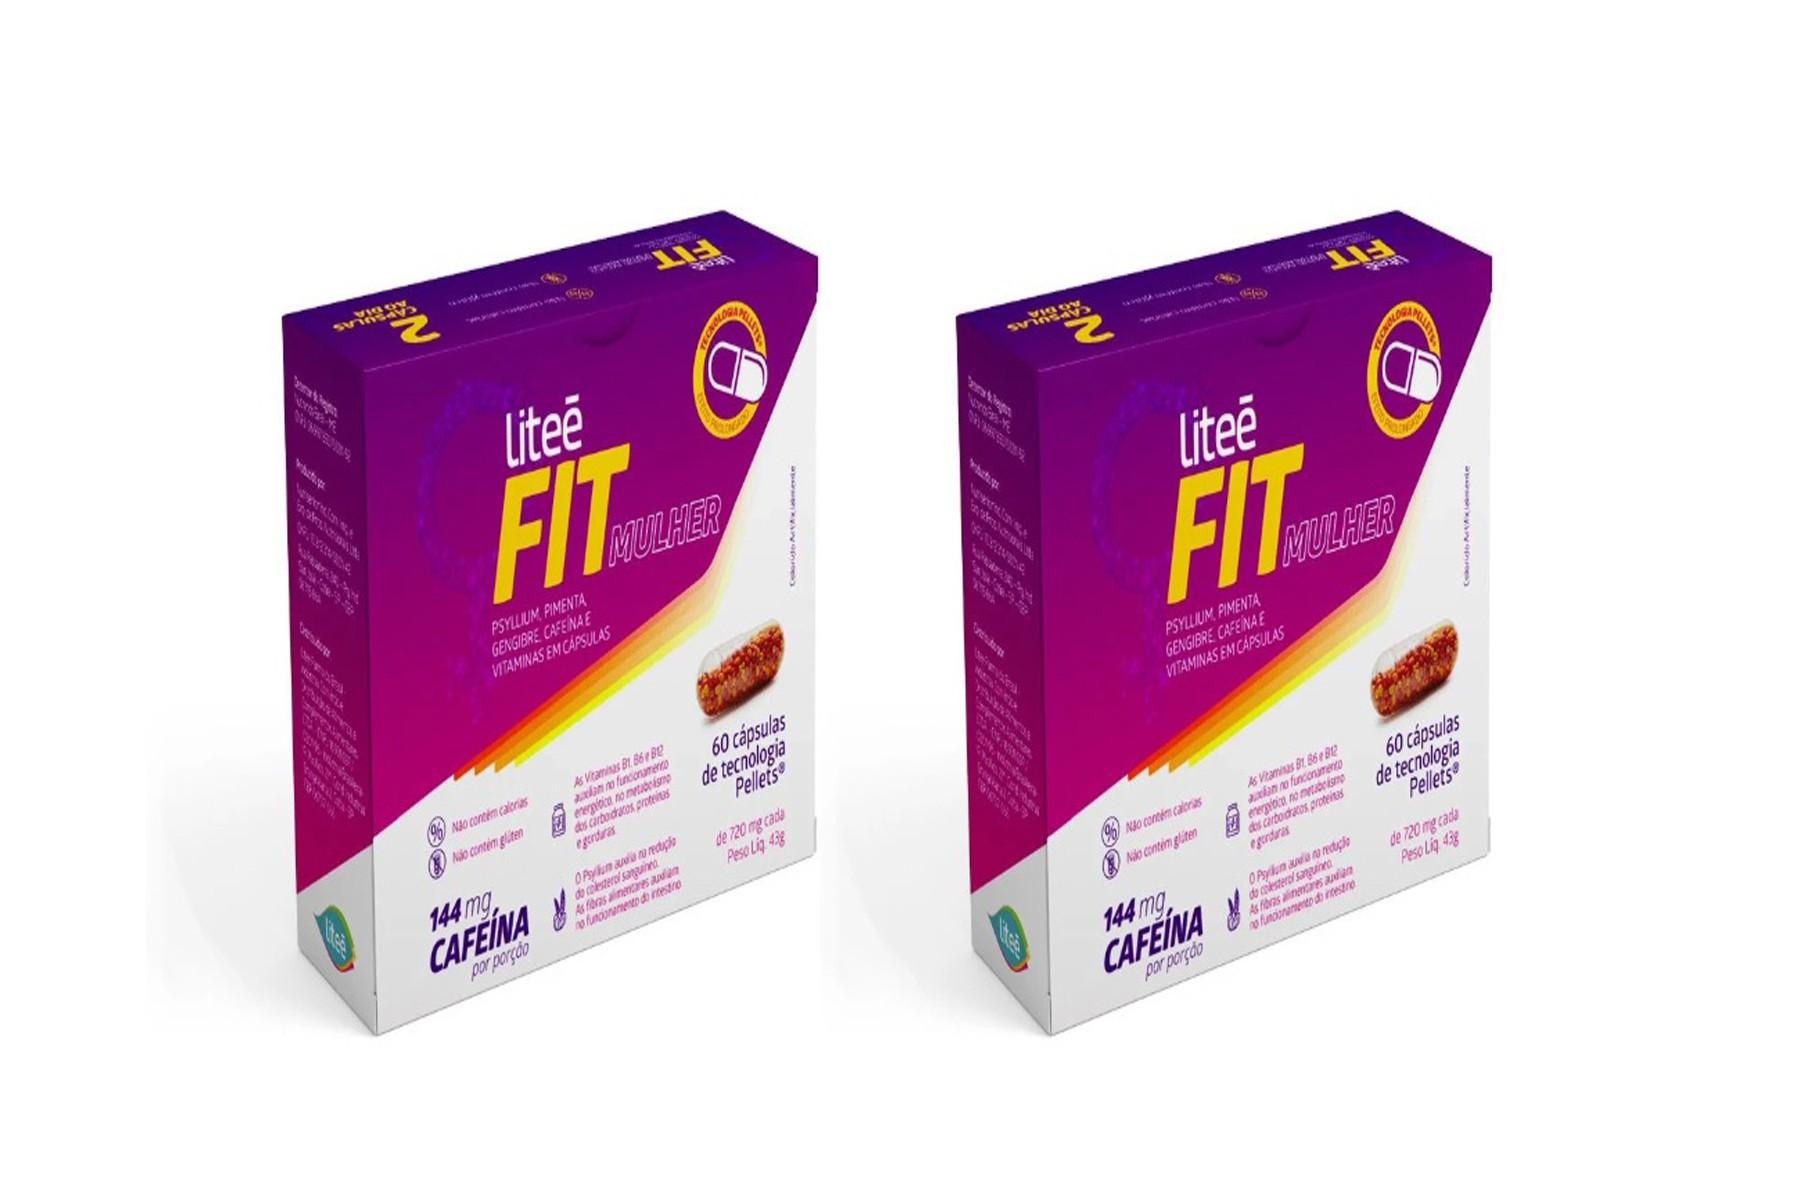 Kit com 2 Caixas Suplemento Alimentar de Cafeína LiteeFit Mulher